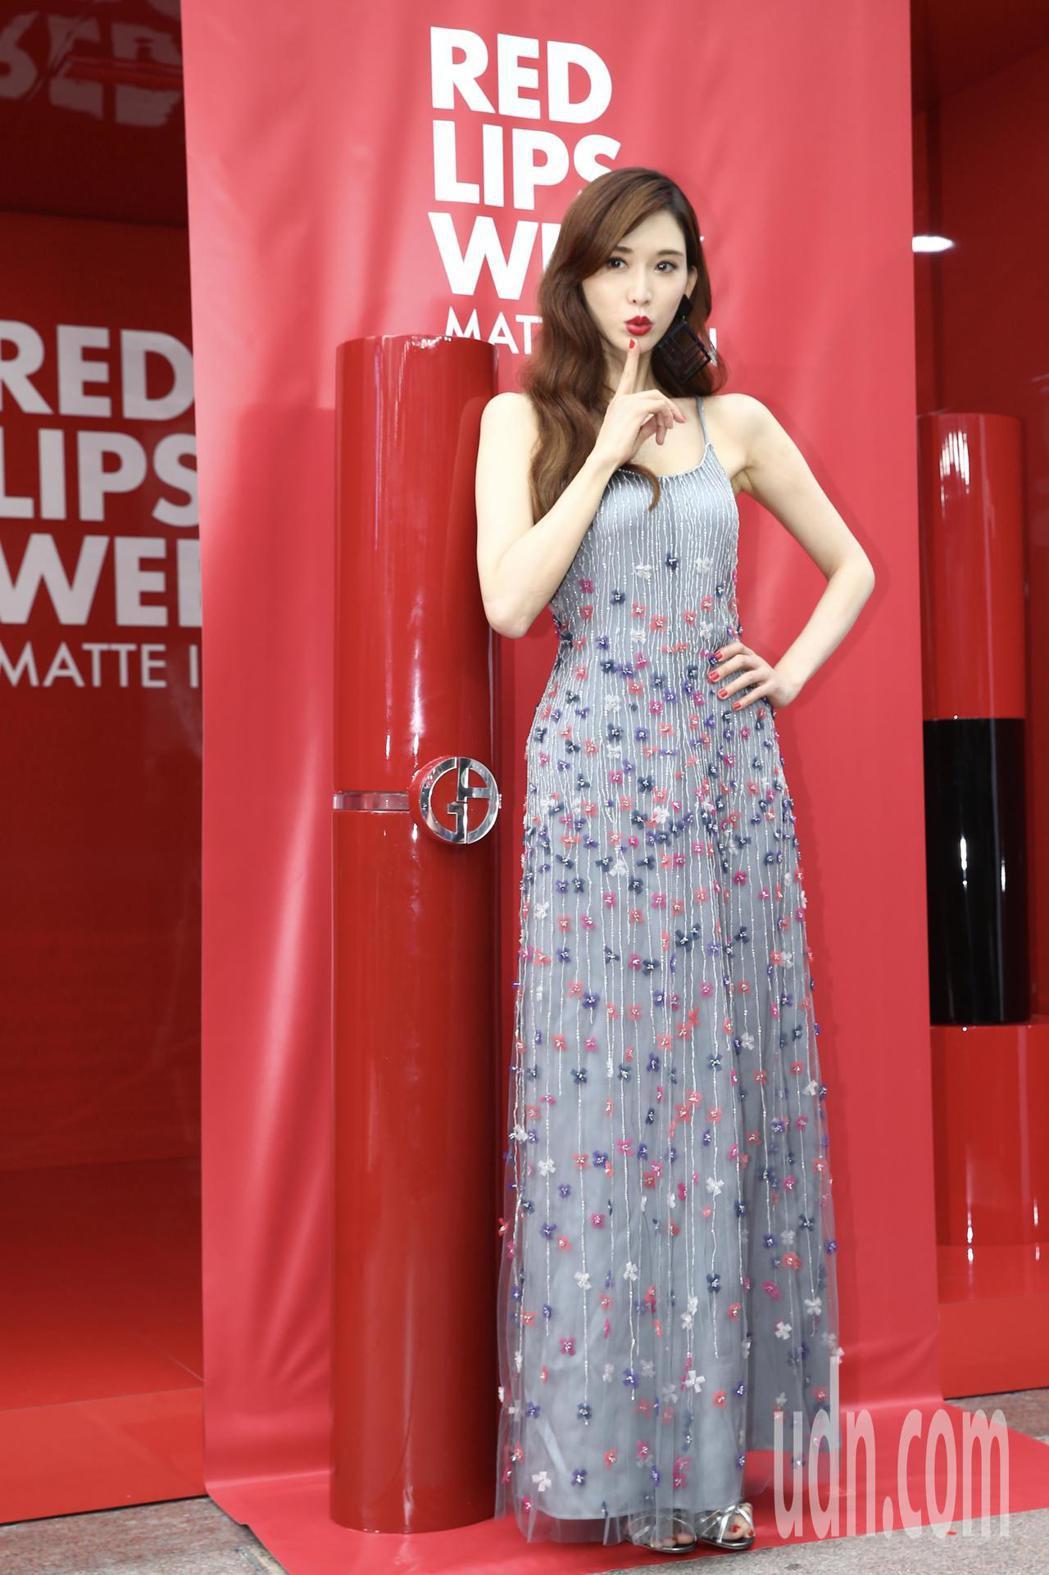 宣布結婚喜訊後,首度公開露面的藝人林志玲,下午代言化妝品牌活動。記者許正宏/攝影